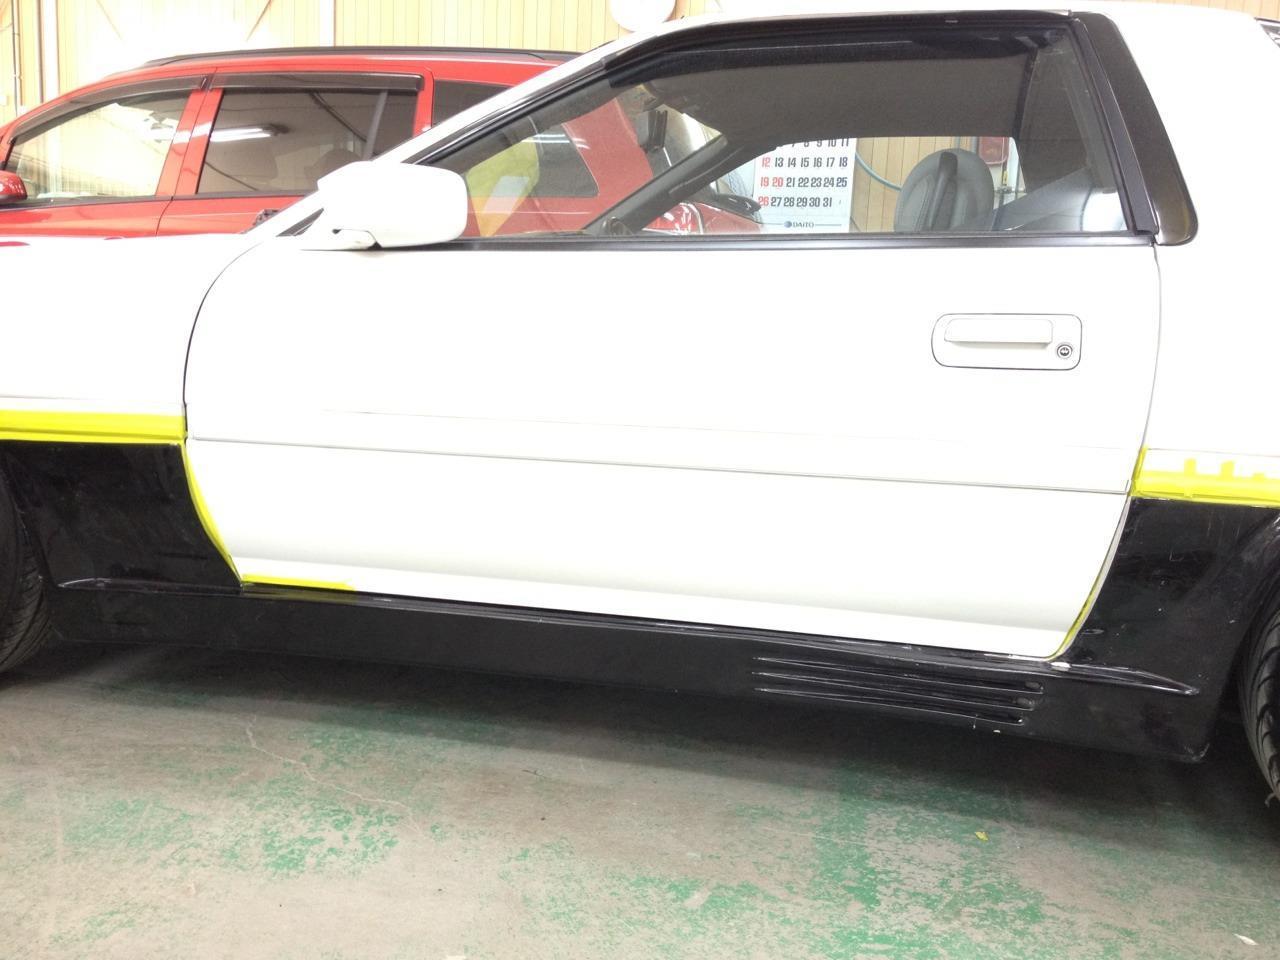 東京都立川市の車の板金塗装修理工場 ガレージローライドのトヨタ スープラのエアロパーツ塗装 取付です。